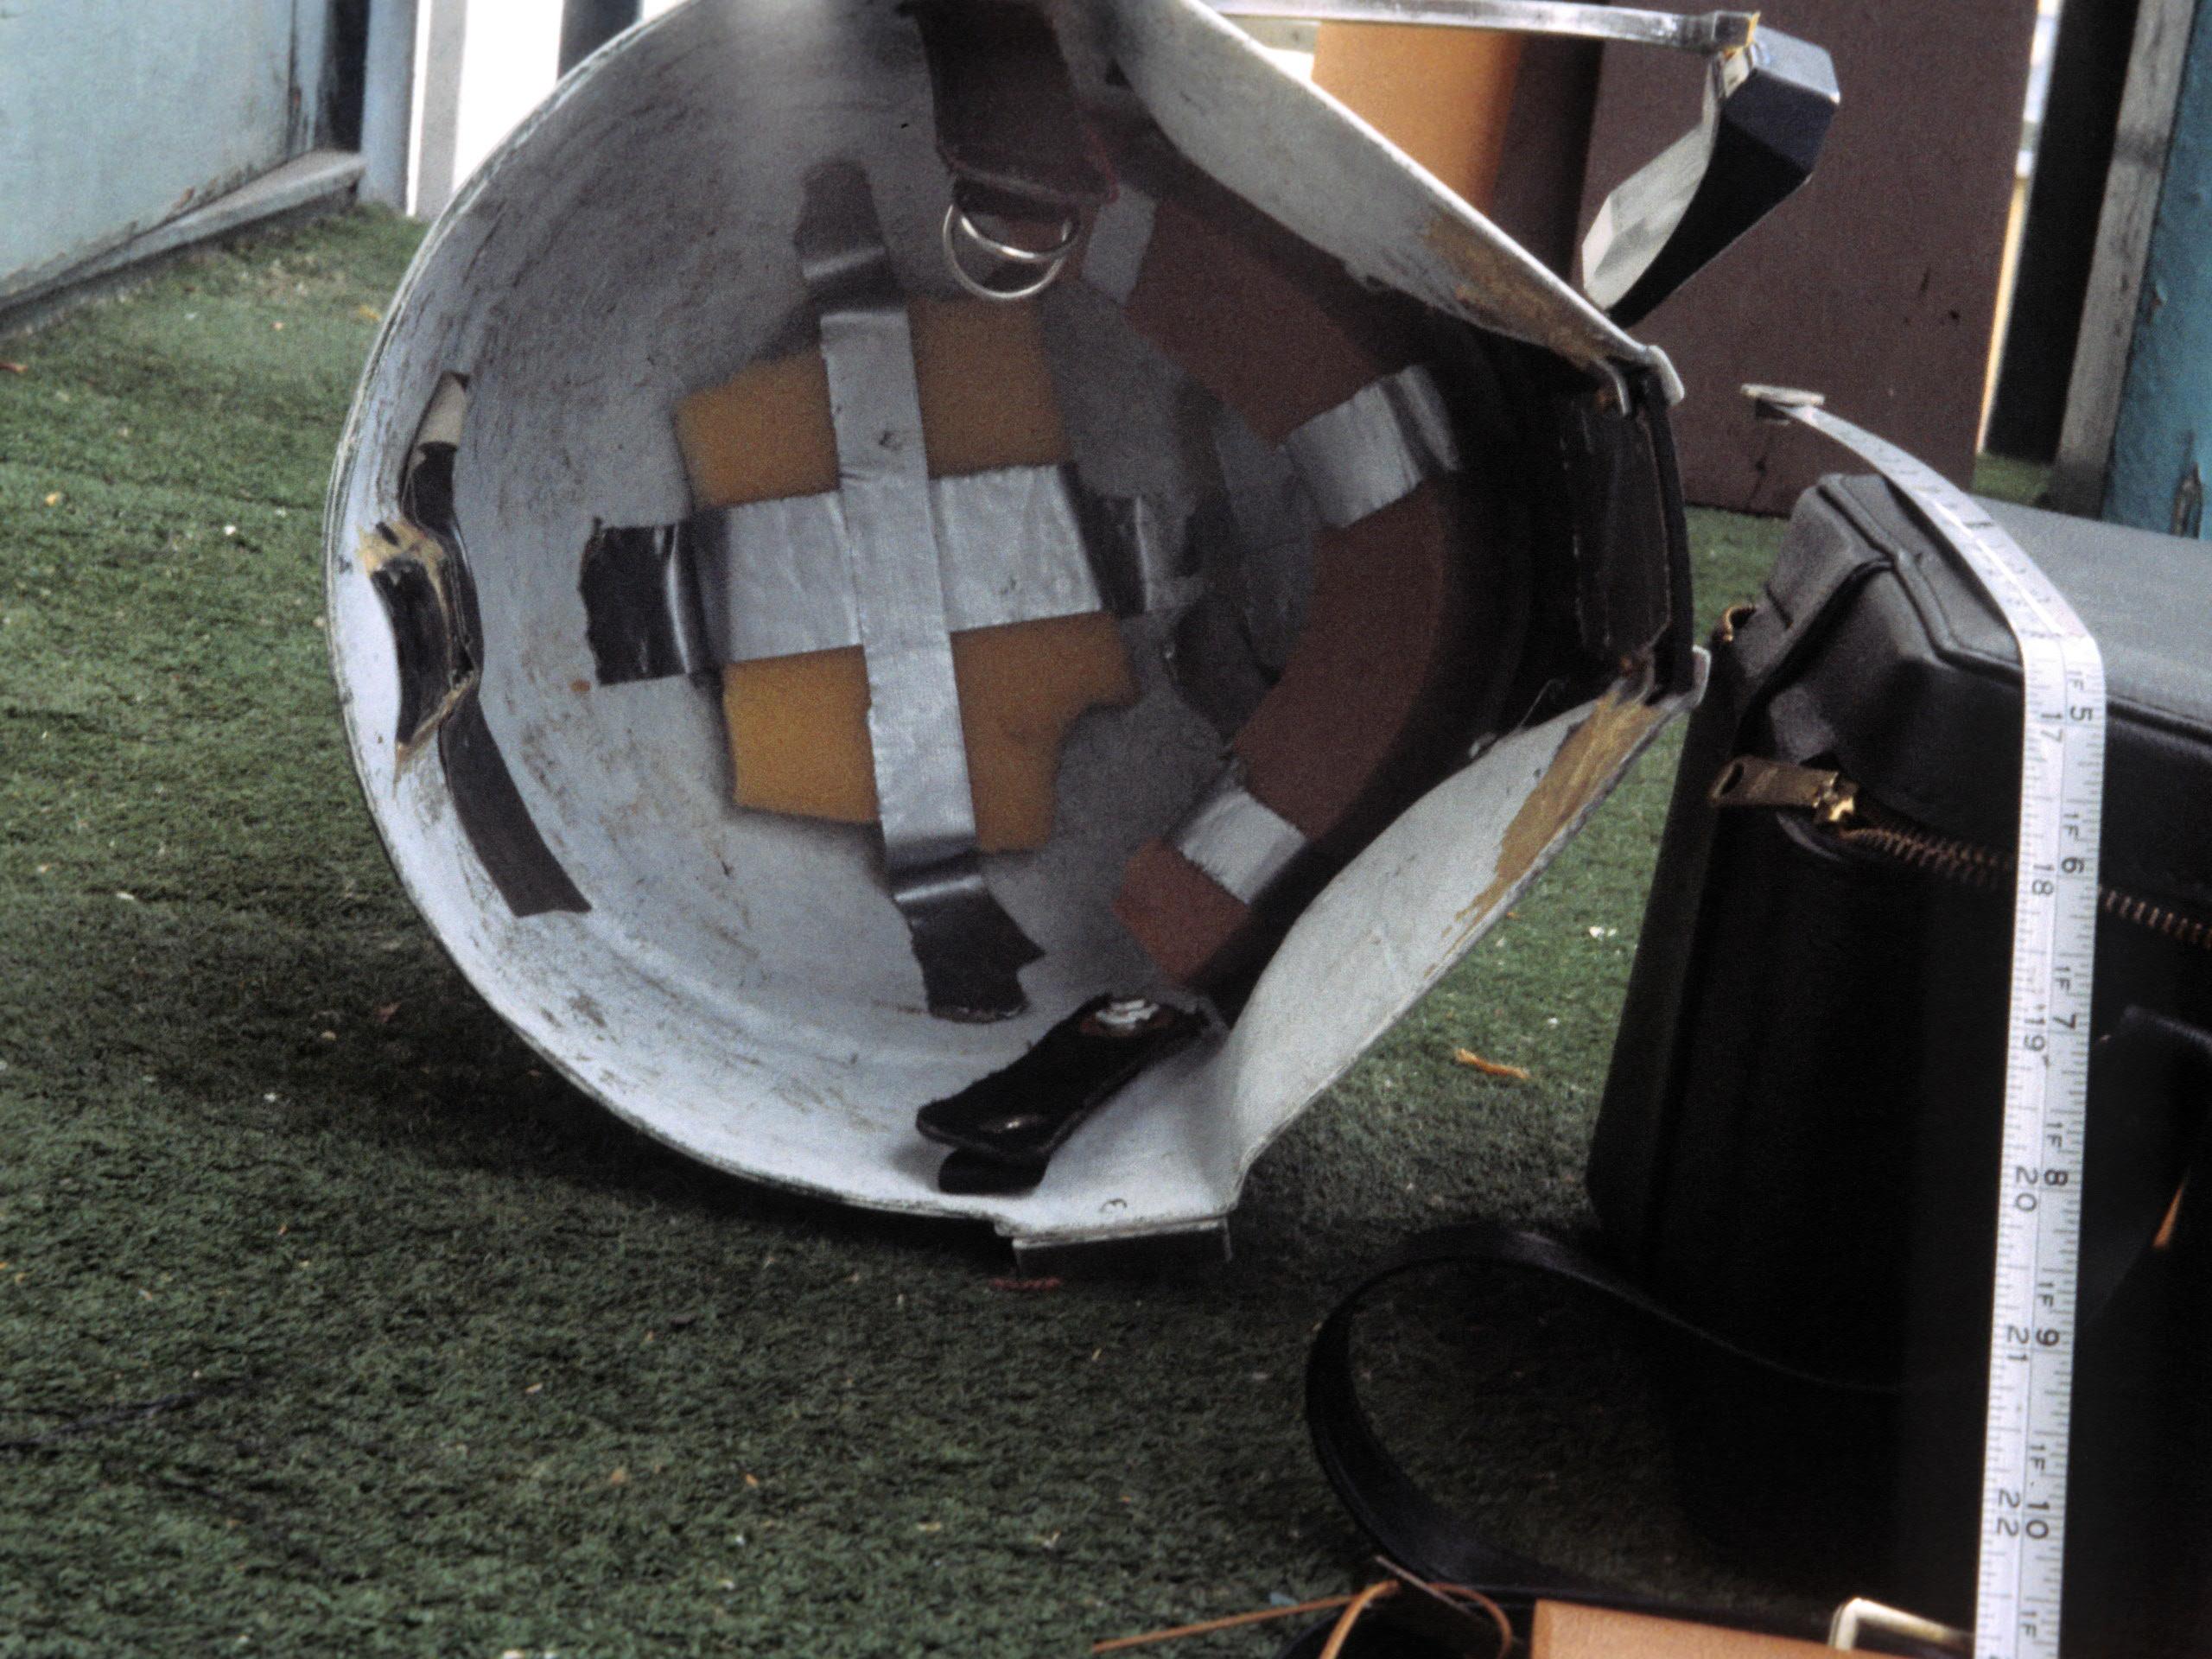 Boba-Fett-Return-of-the-Jedi-Helmet-11.jpg